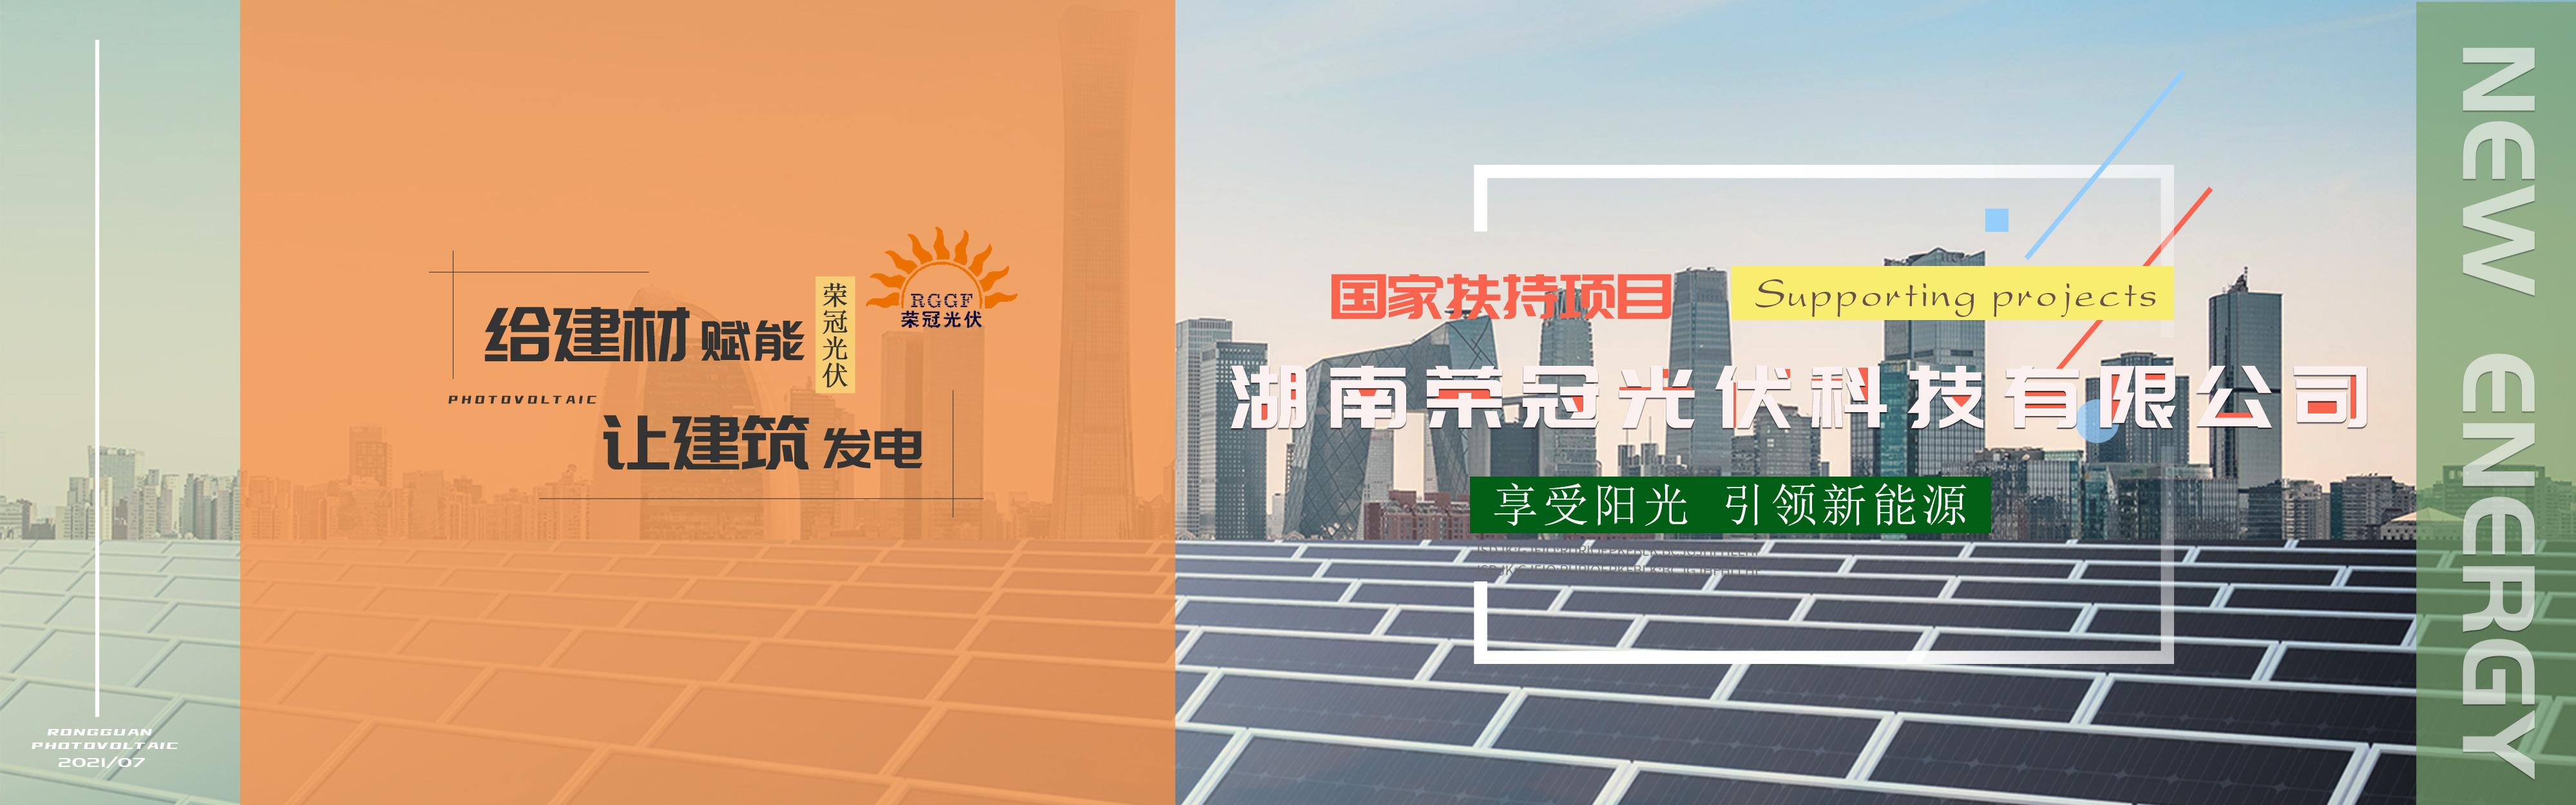 湖南荣冠光伏科技ballbet贝博app下载ios公司介绍